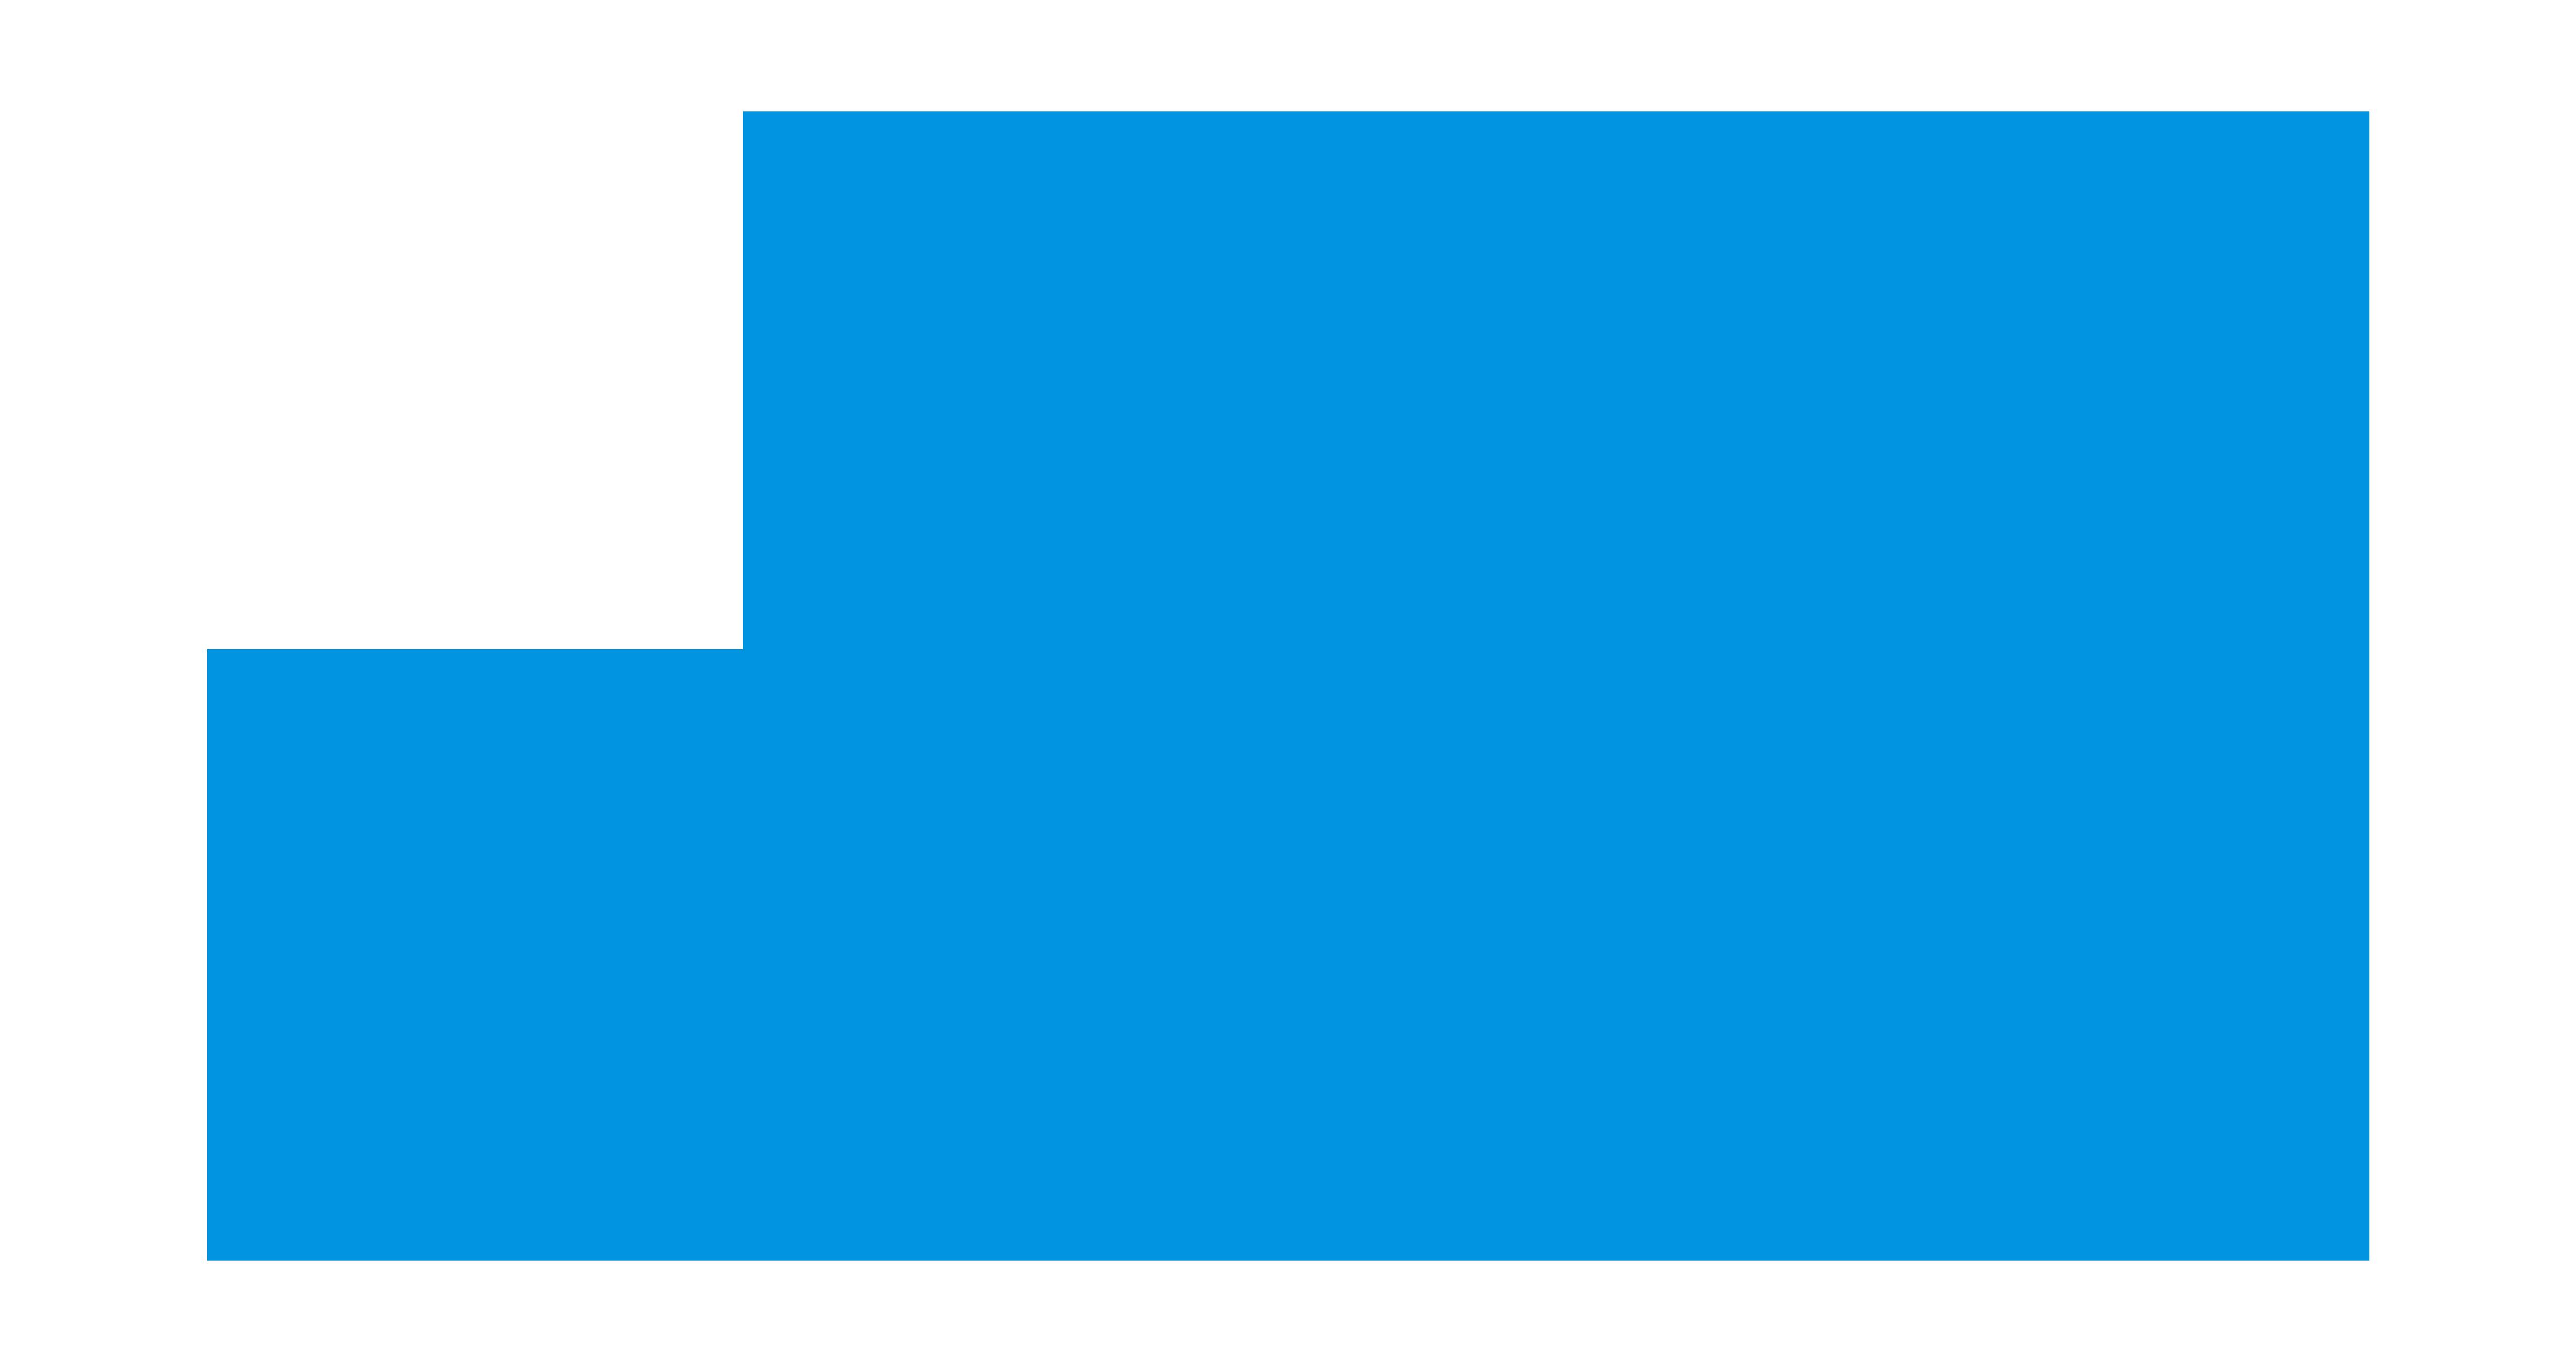 Разработка логотипа и фона фото f_86759917d972f3ef.png